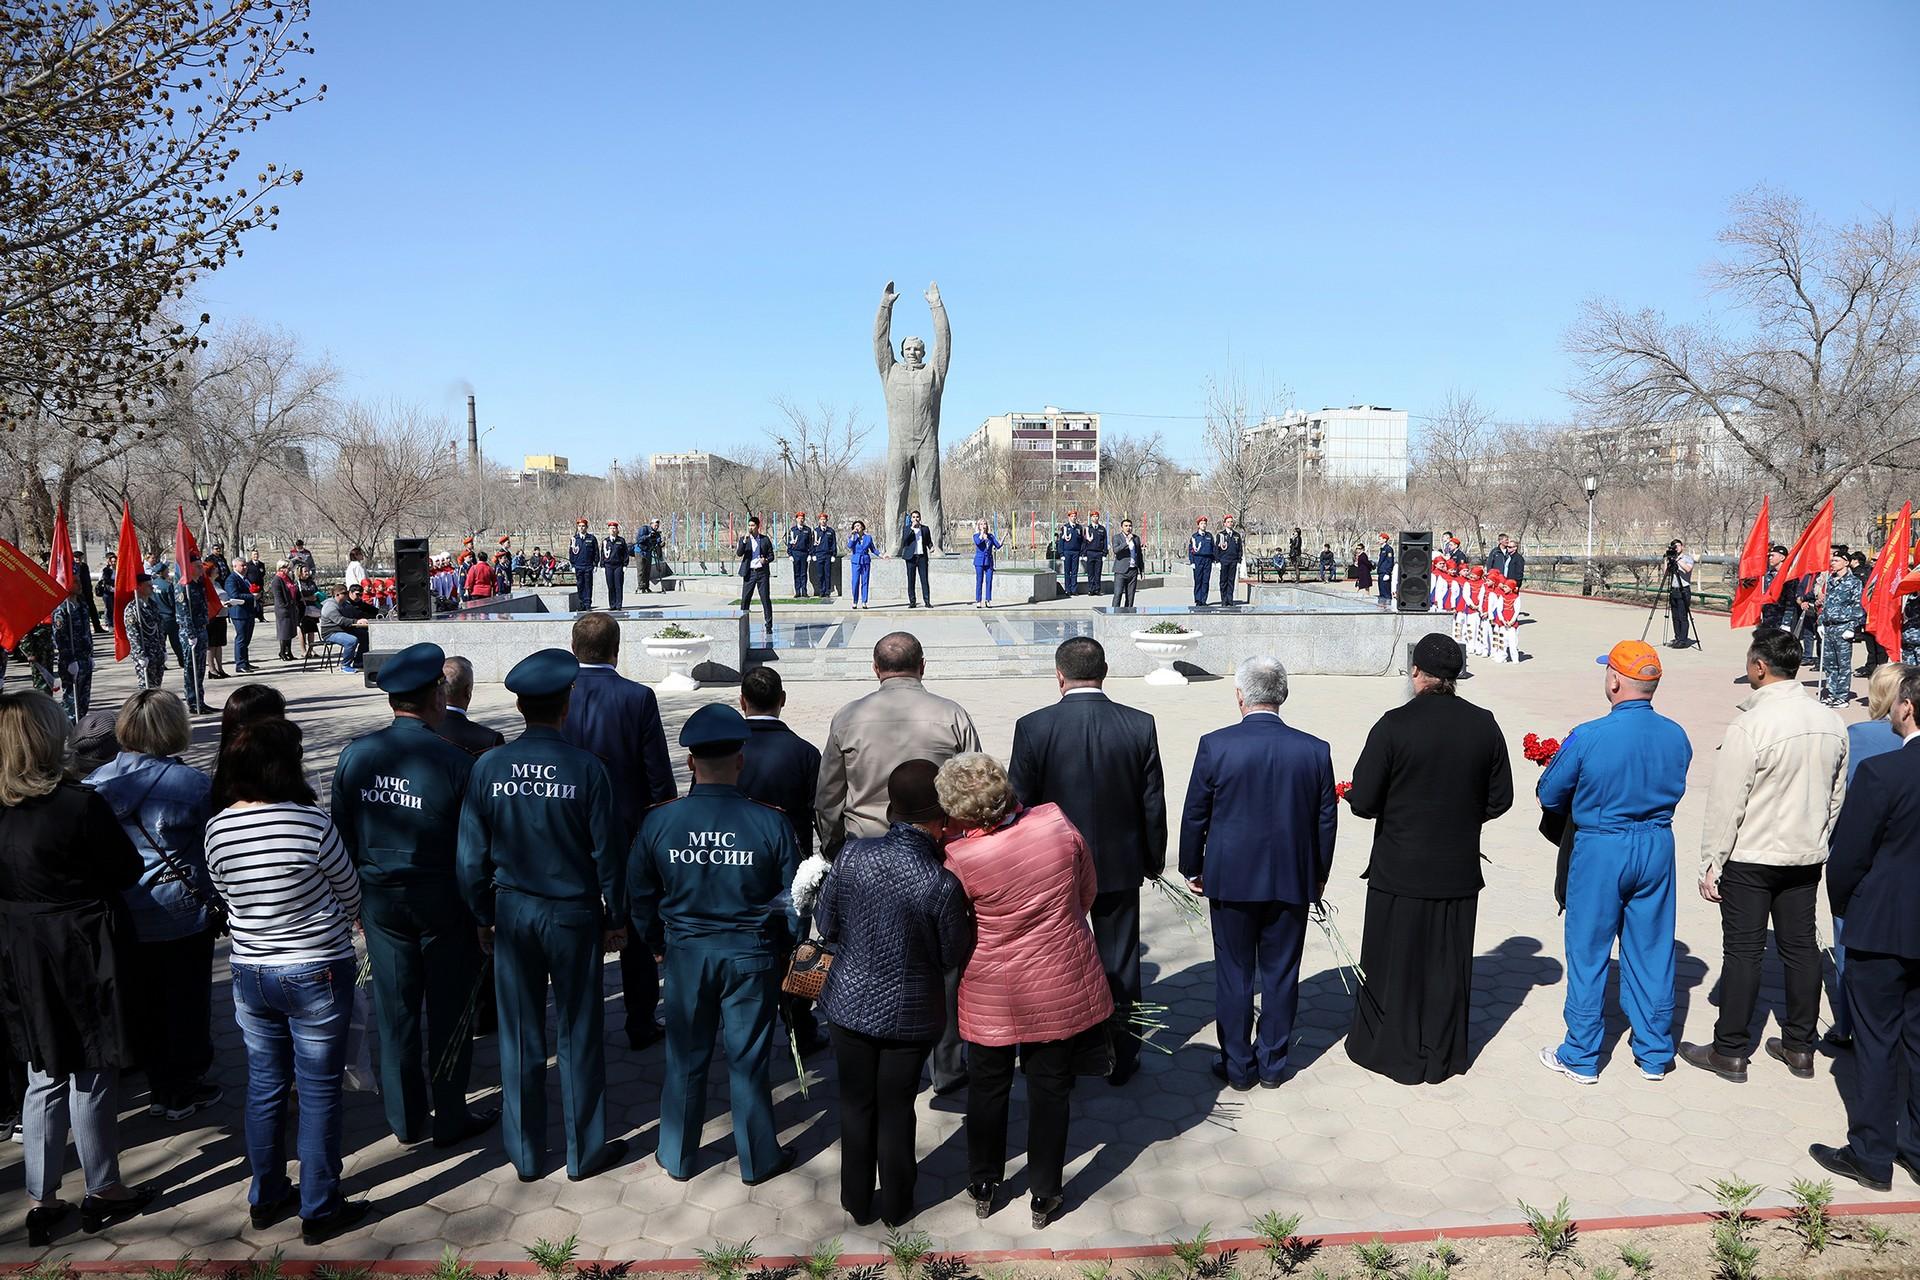 Состоялся торжественный митинг, посвященный 60-летию полёта в космос Юрия Гагарина (фоторепортаж)